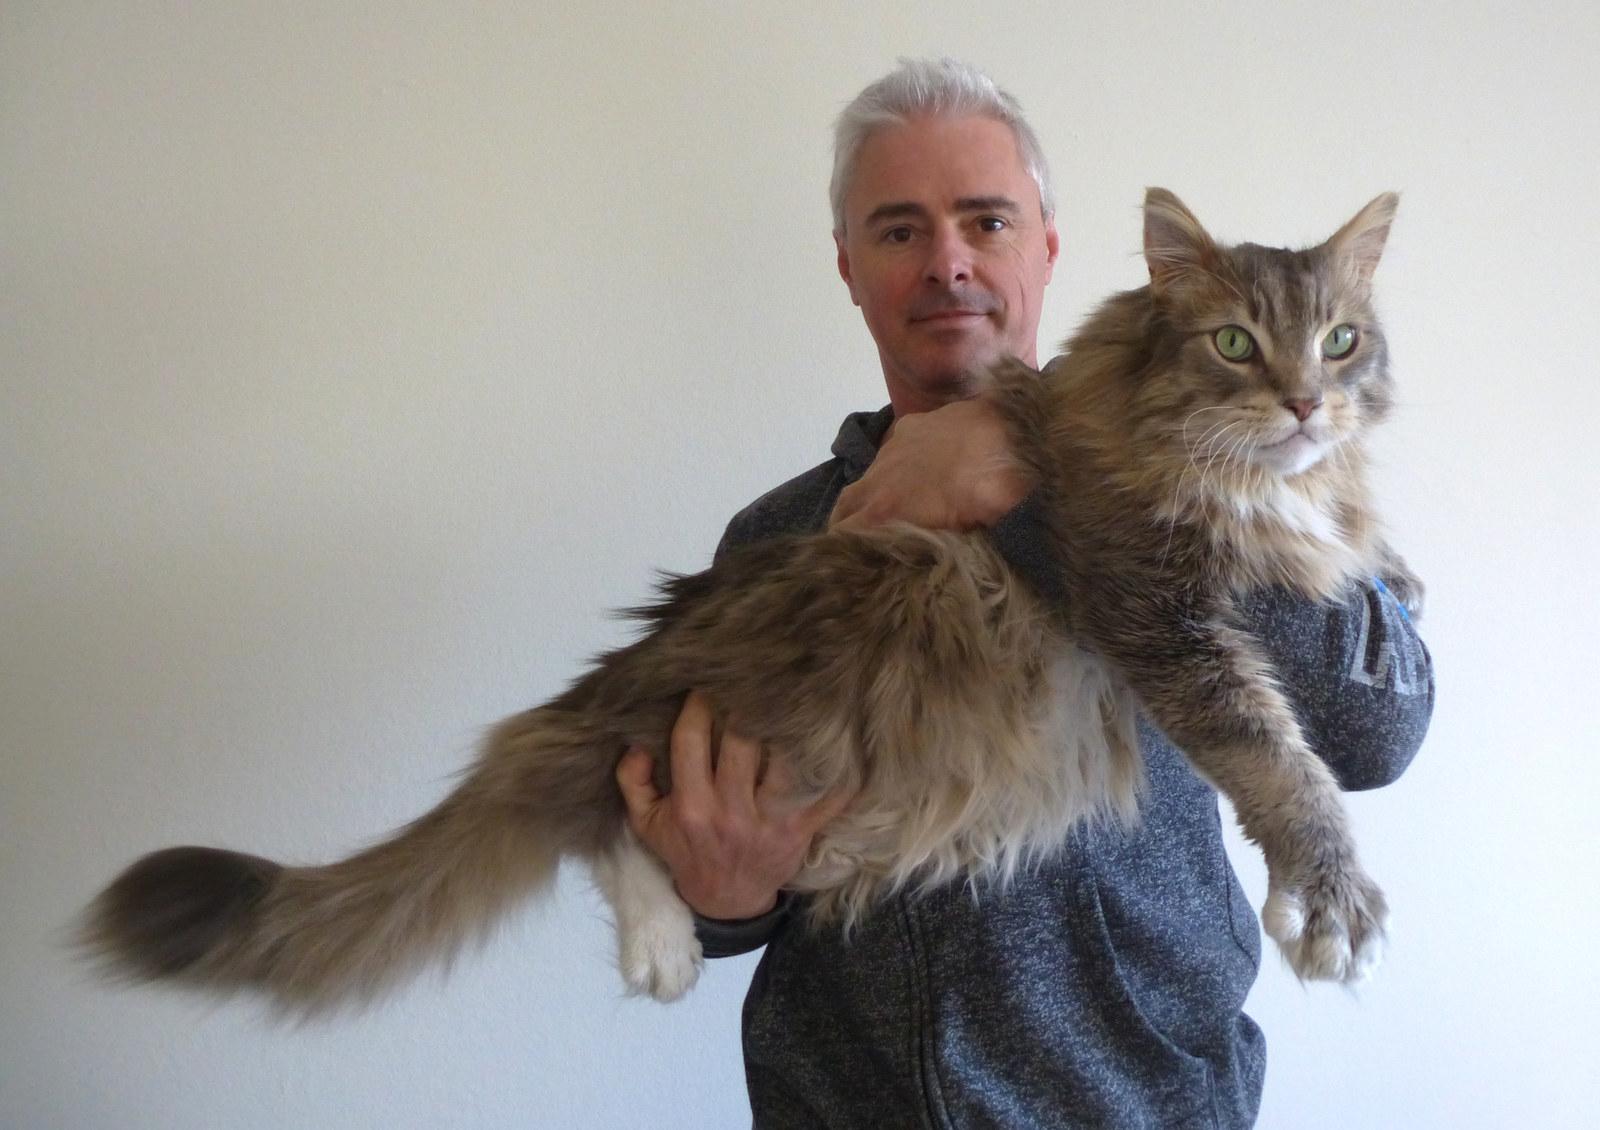 Chân dung 17 con mèo to xác khiến con người cũng phát hoảng - Ảnh 21.